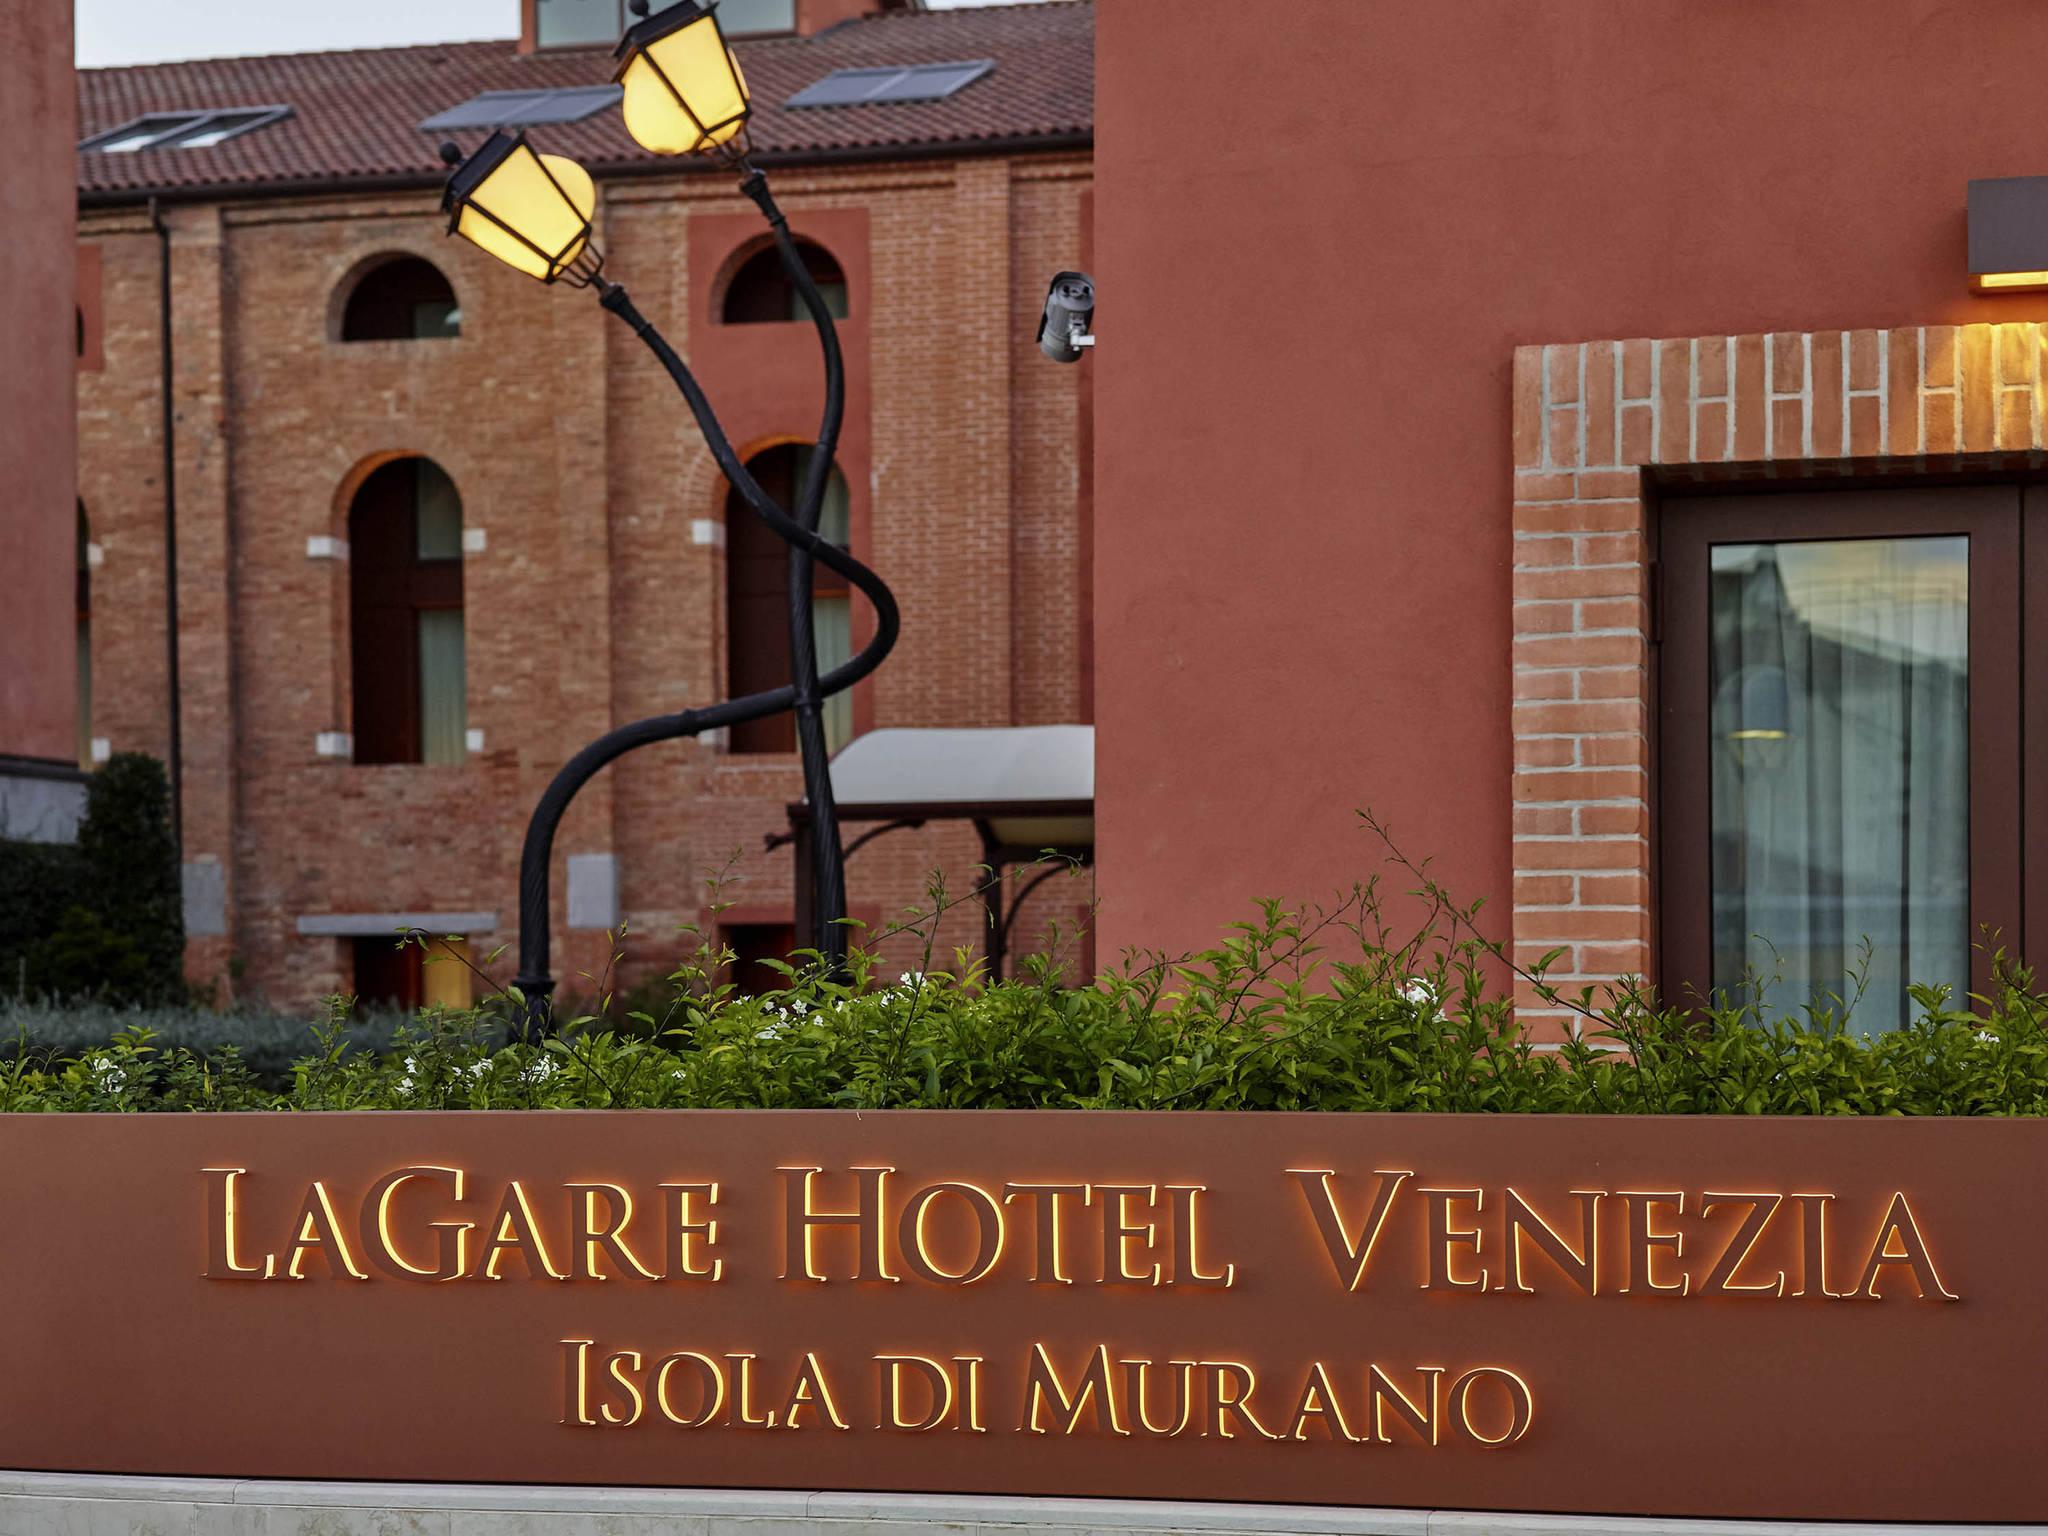 ホテル – ラガール ホテル ベネチア Mギャラリー by ソフィテル